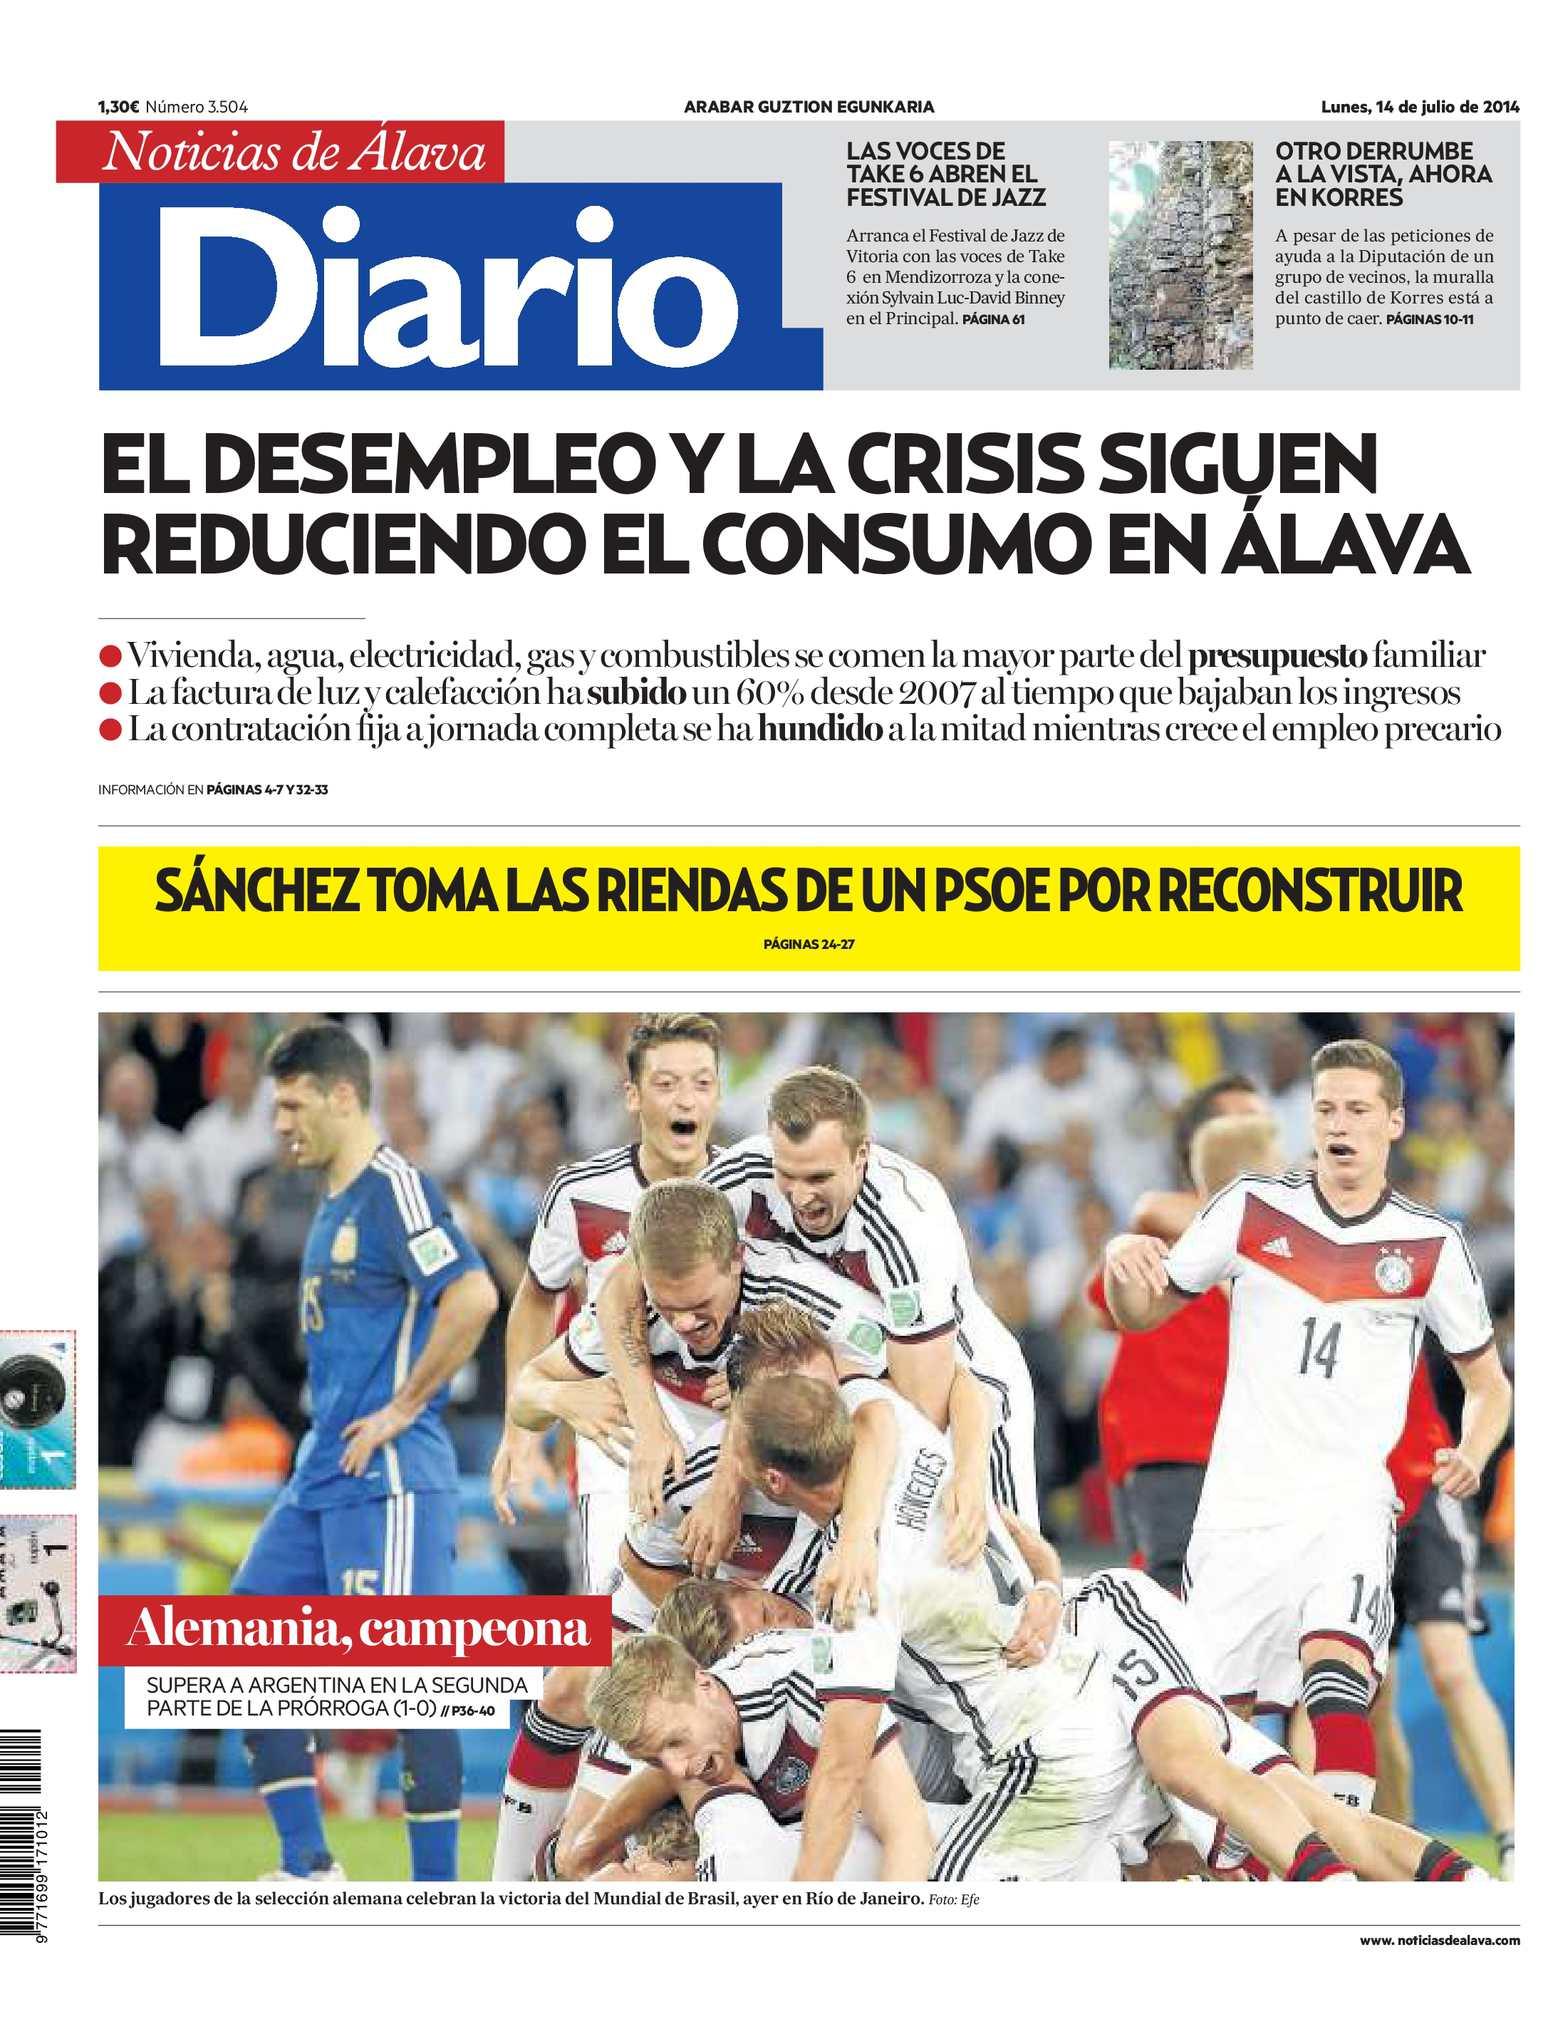 Calaméo - Diario de Noticias de Álava 20140714 c38ca5a265b17